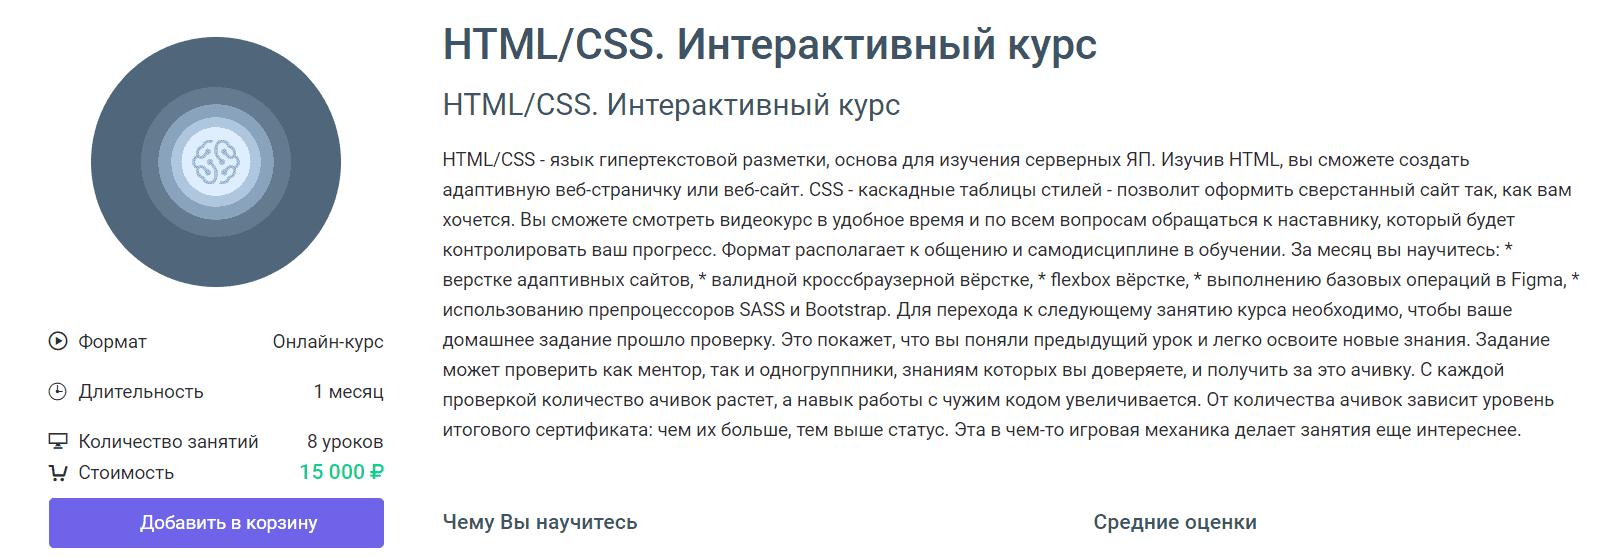 HTML/CSS — интерактивный курс